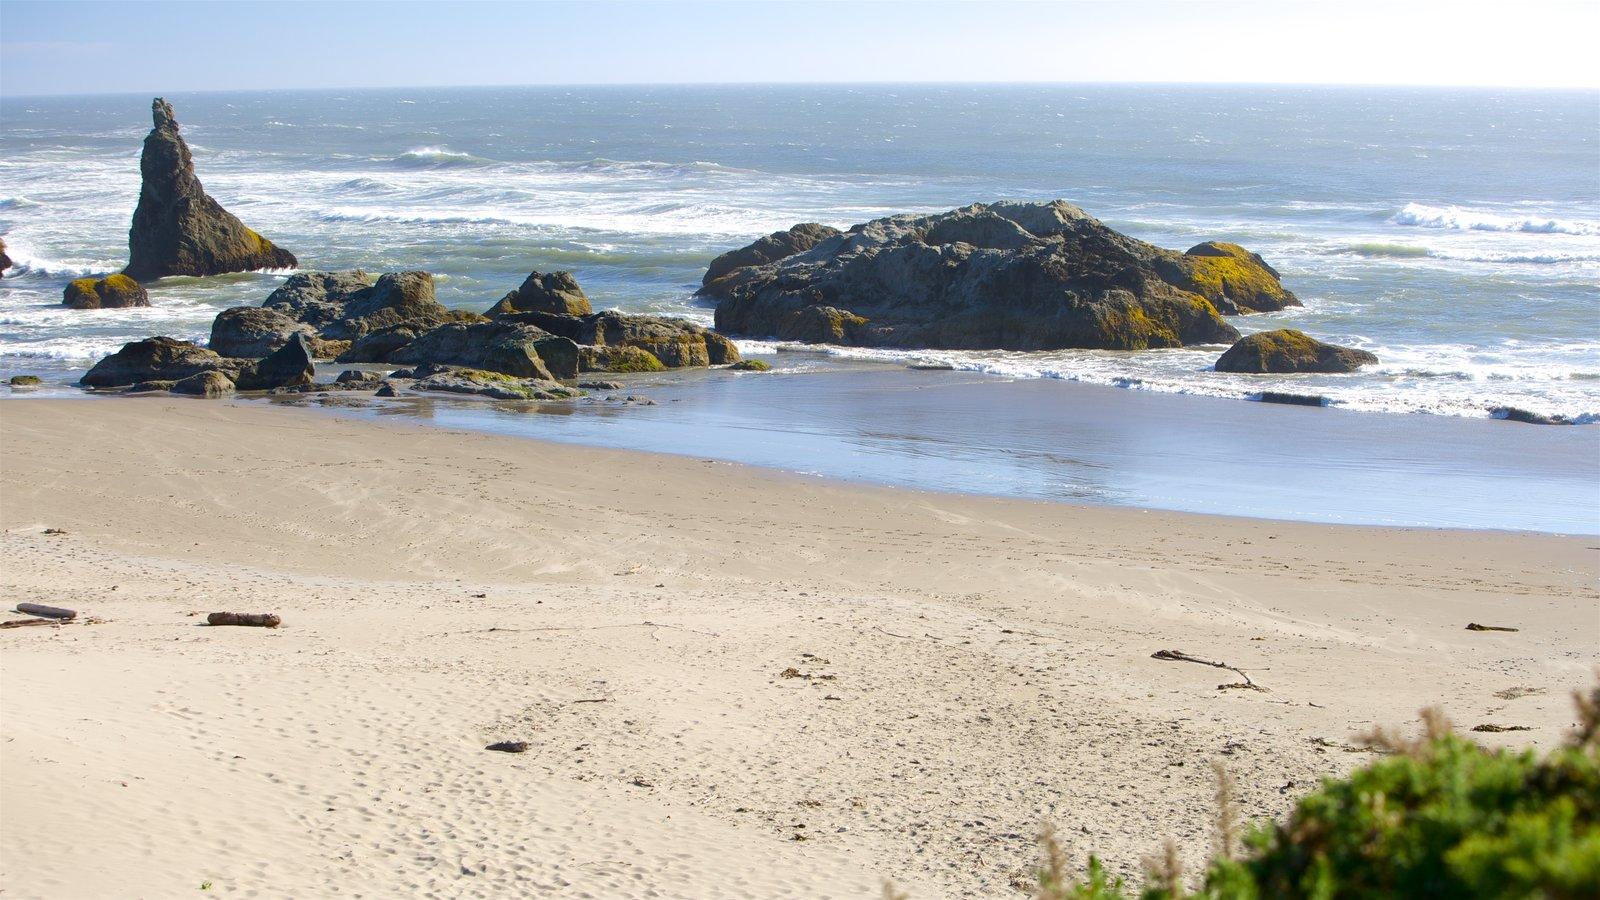 Bandon Beach caracterizando uma praia de areia e litoral rochoso